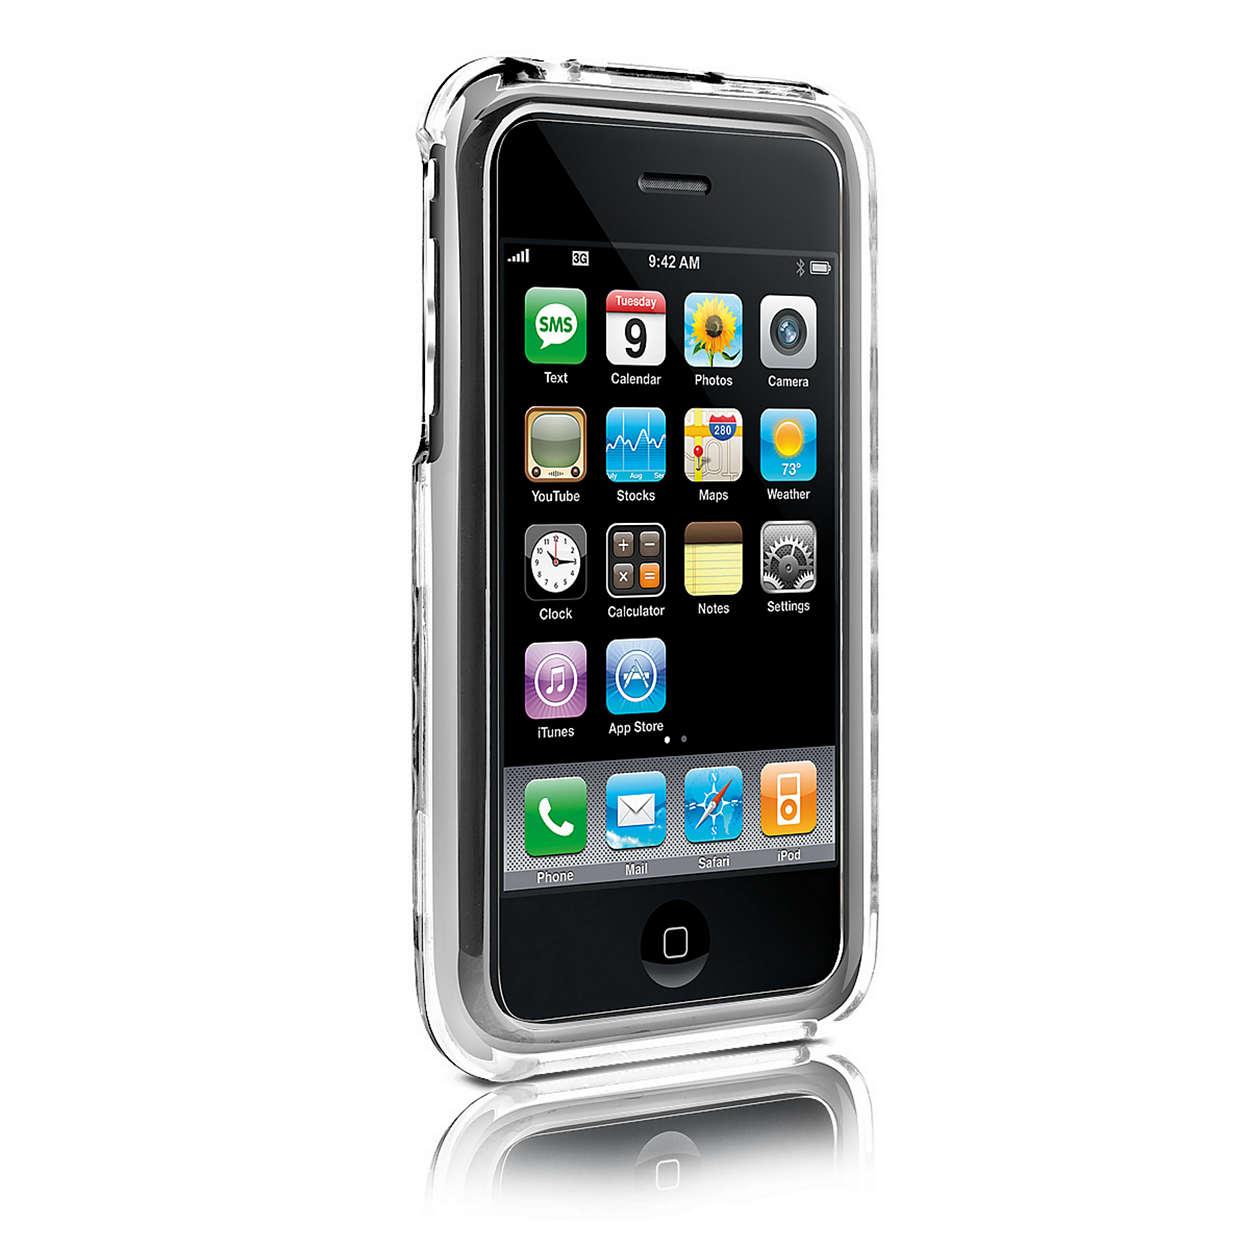 ปกป้อง iPhone ของคุณในปลอกใส